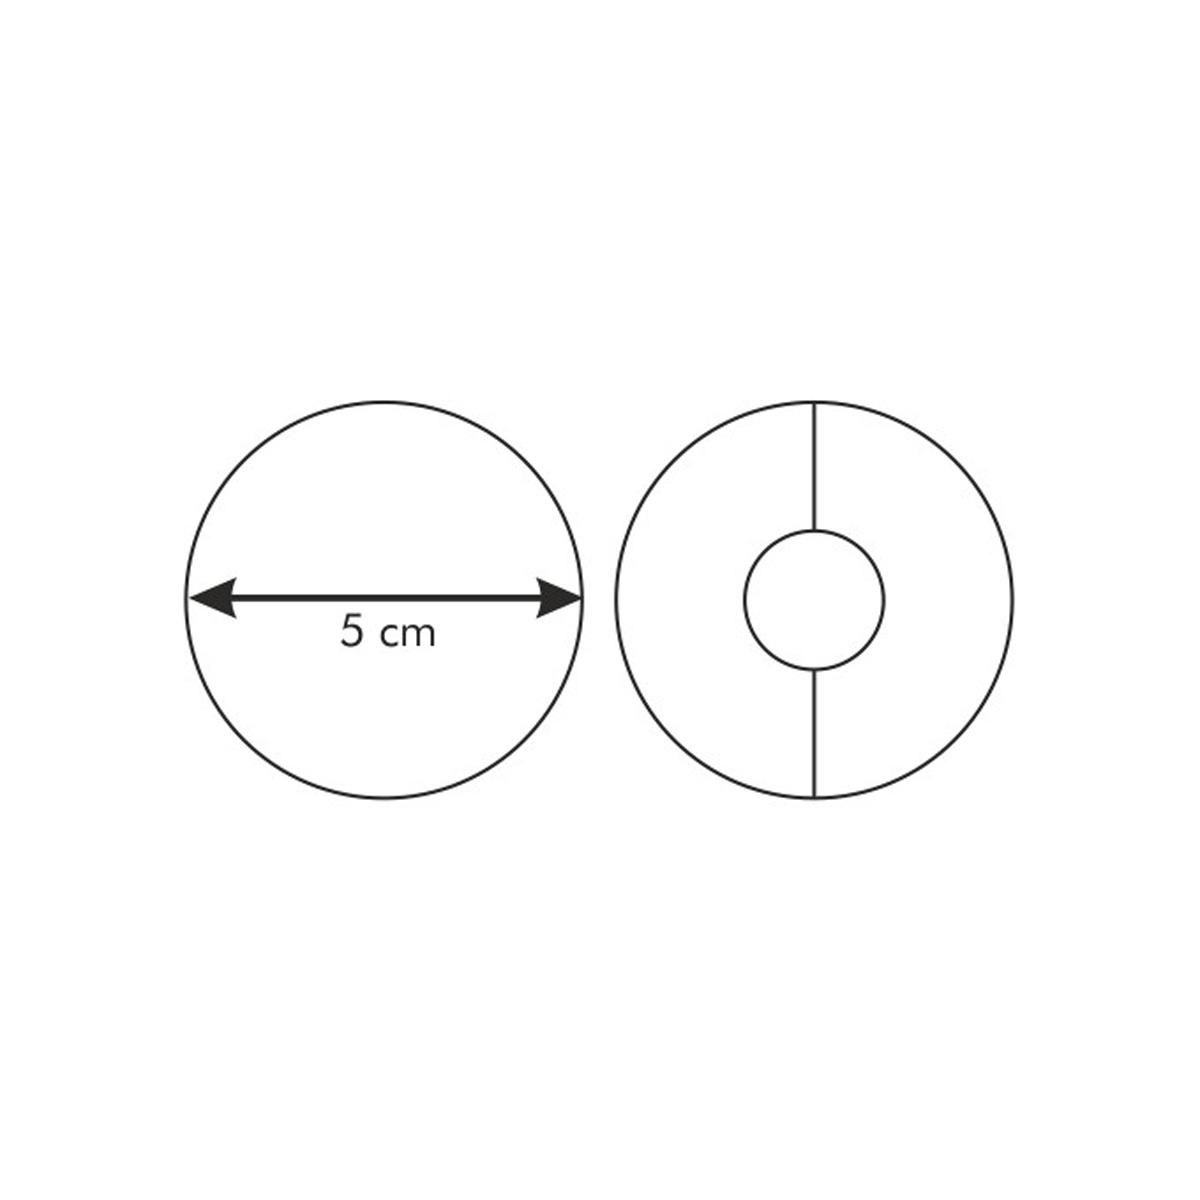 Linecké kolečko DELÍCIA ø 5.5 cm